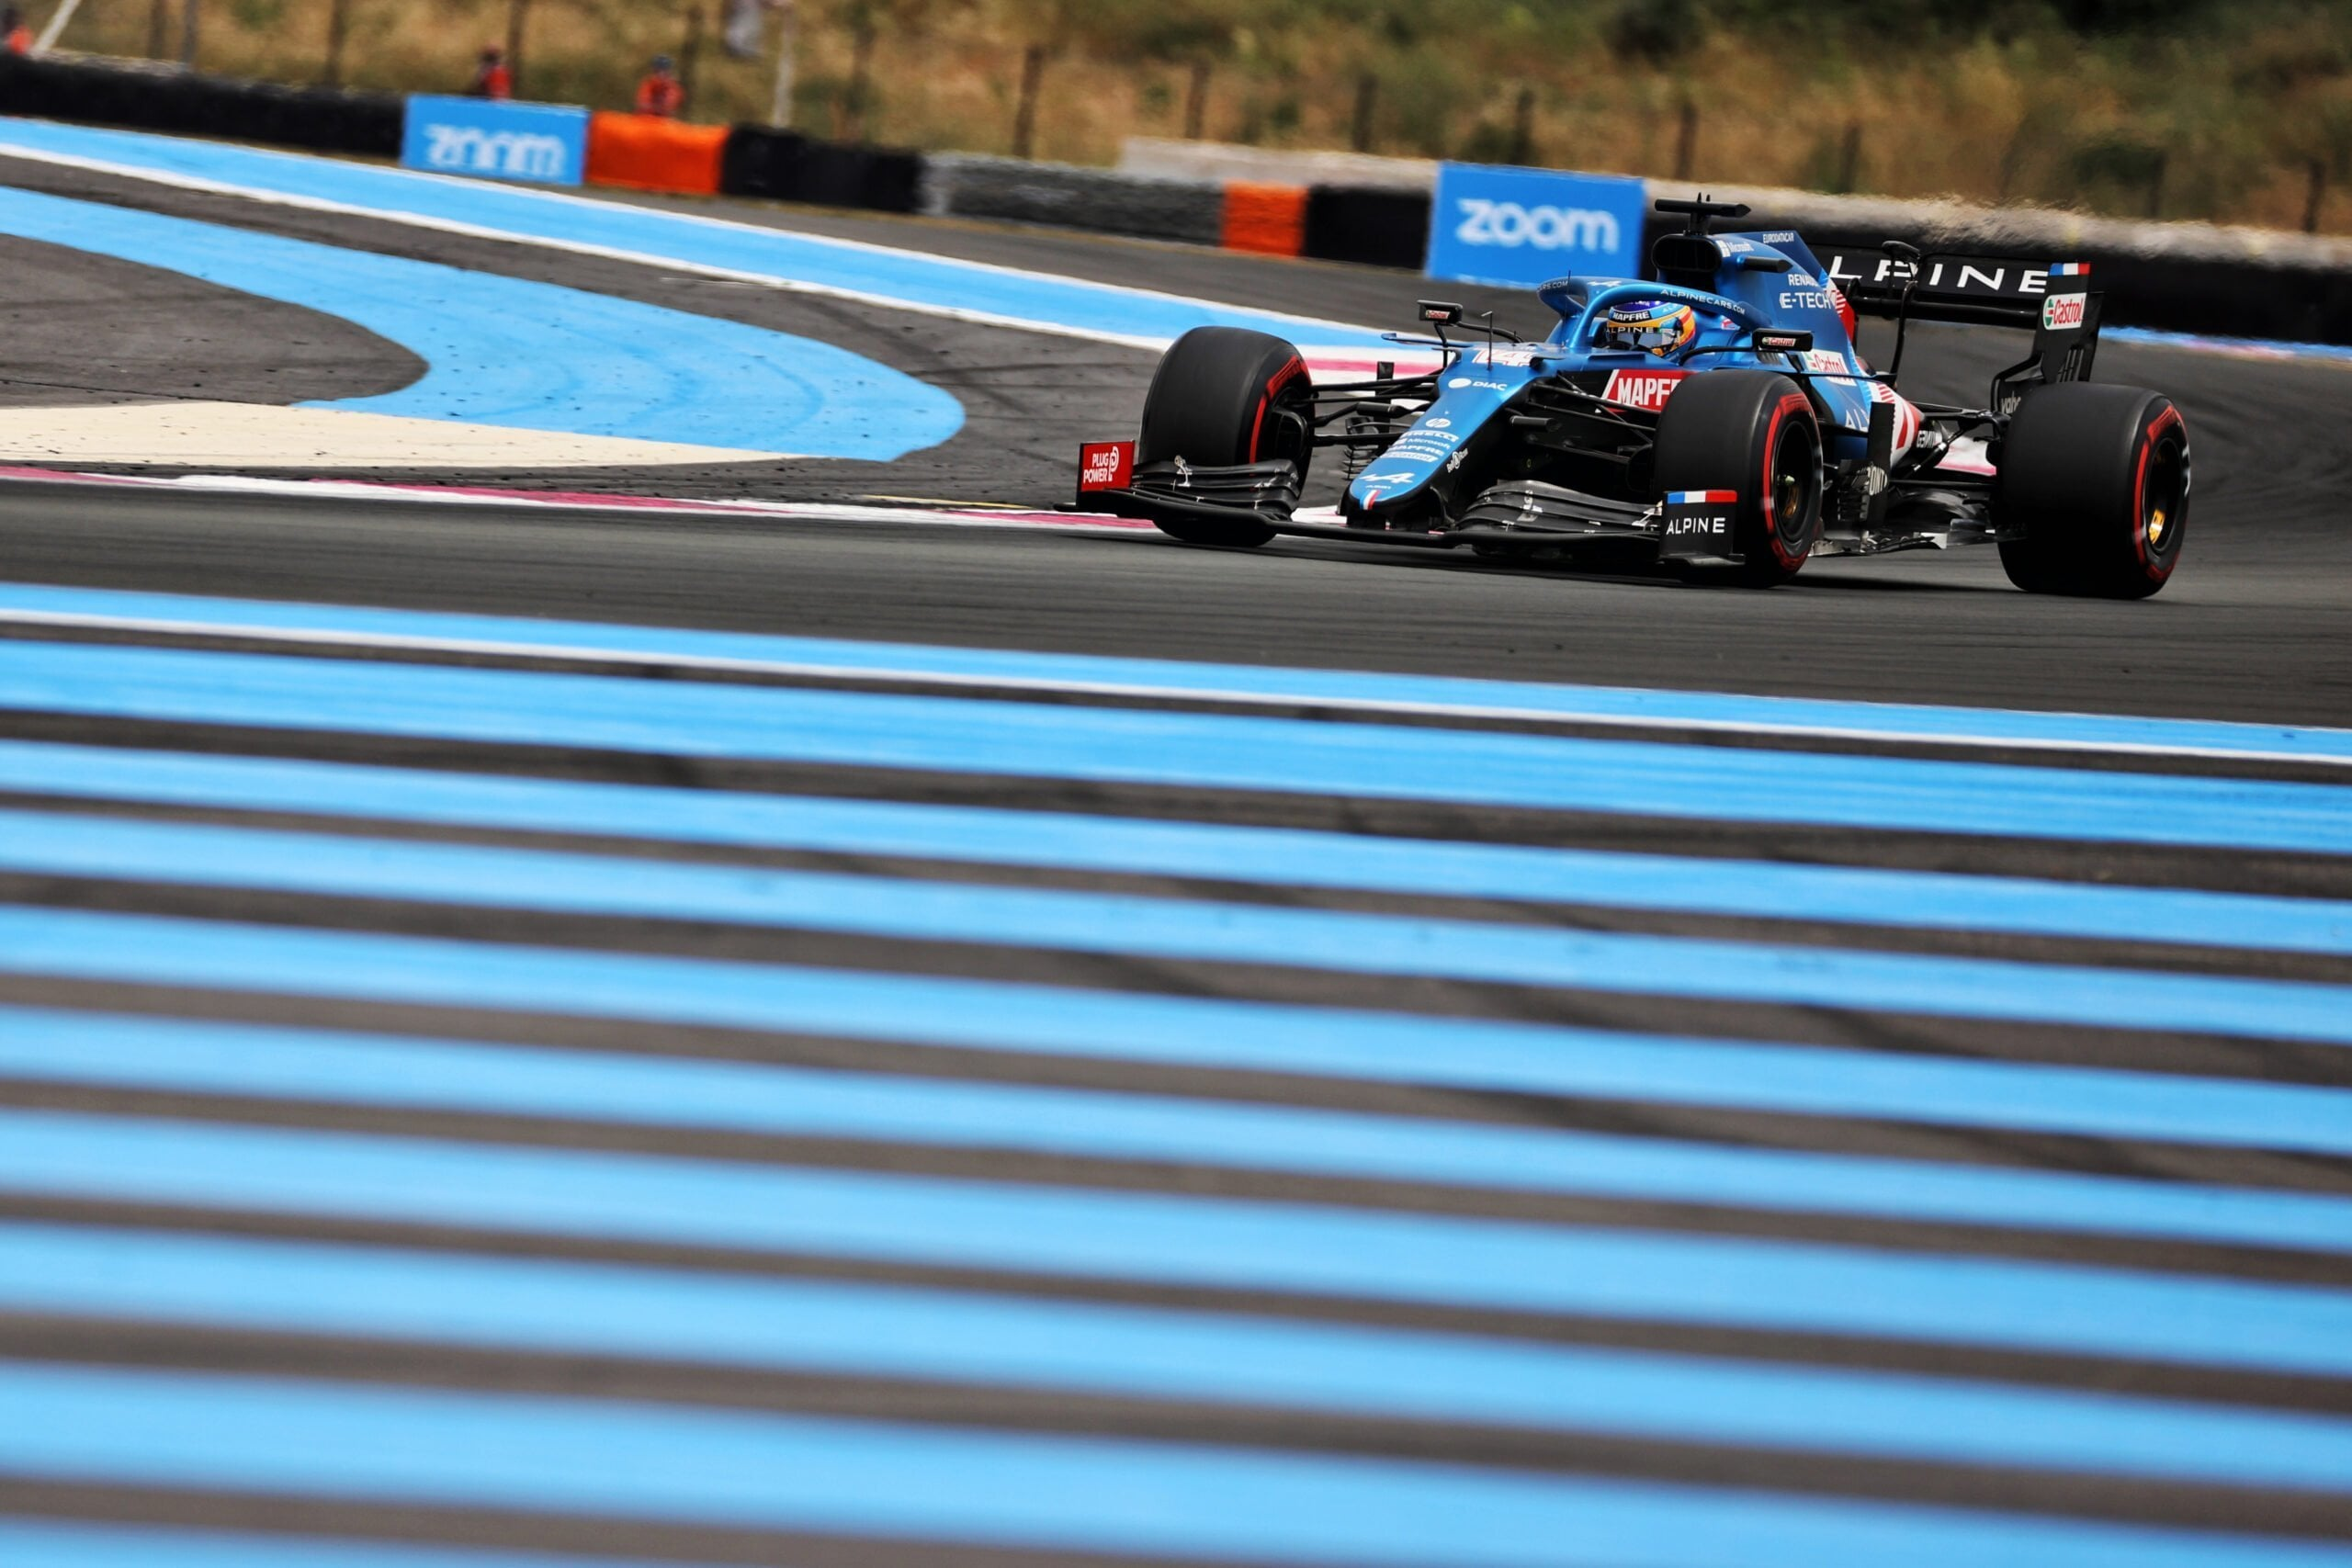 Alpine F1 Team A521 Alonso Ocon Castellet GP FRance 2021 6 scaled   Alpine F1 : Alonso entre en Q3, Ocon bloque en Q2 au Grand-Prix de France